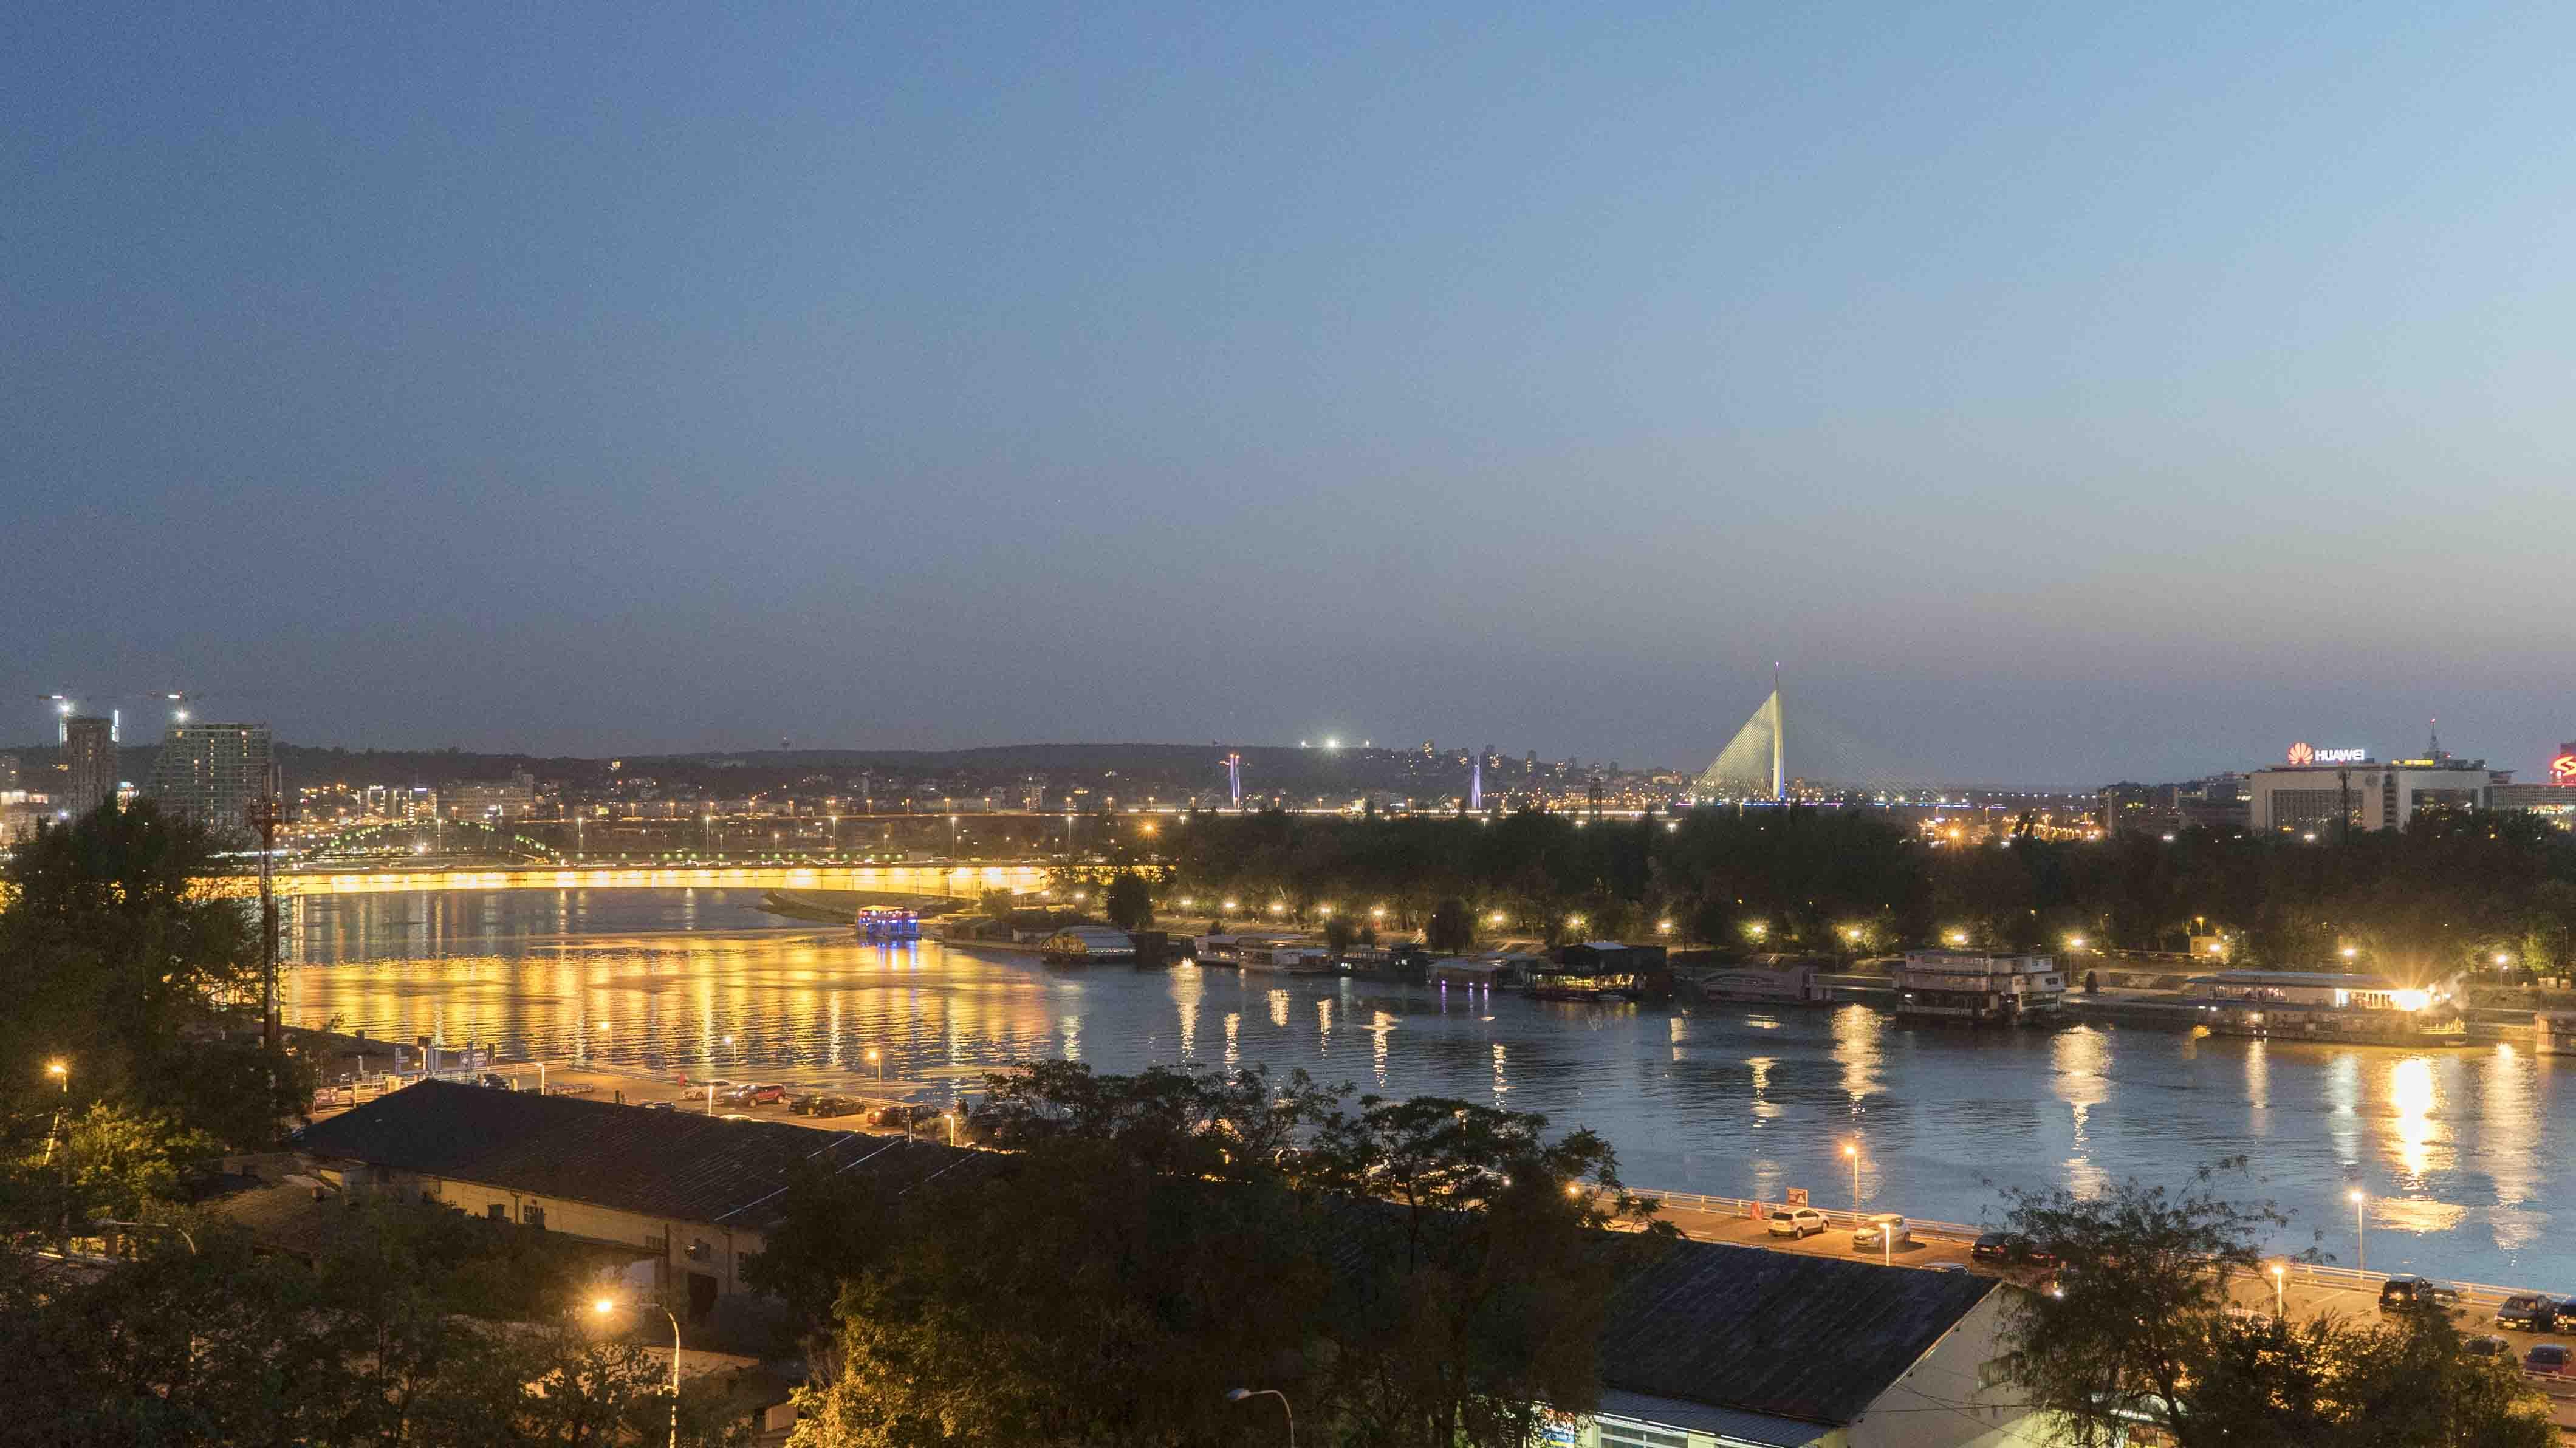 ... Raum Für Ideen: Serbiens Hauptstadt Belgrad Sucht Ihren Weg Zwischen  Traumatischen Erinnerungen Und Dem Aufbruch